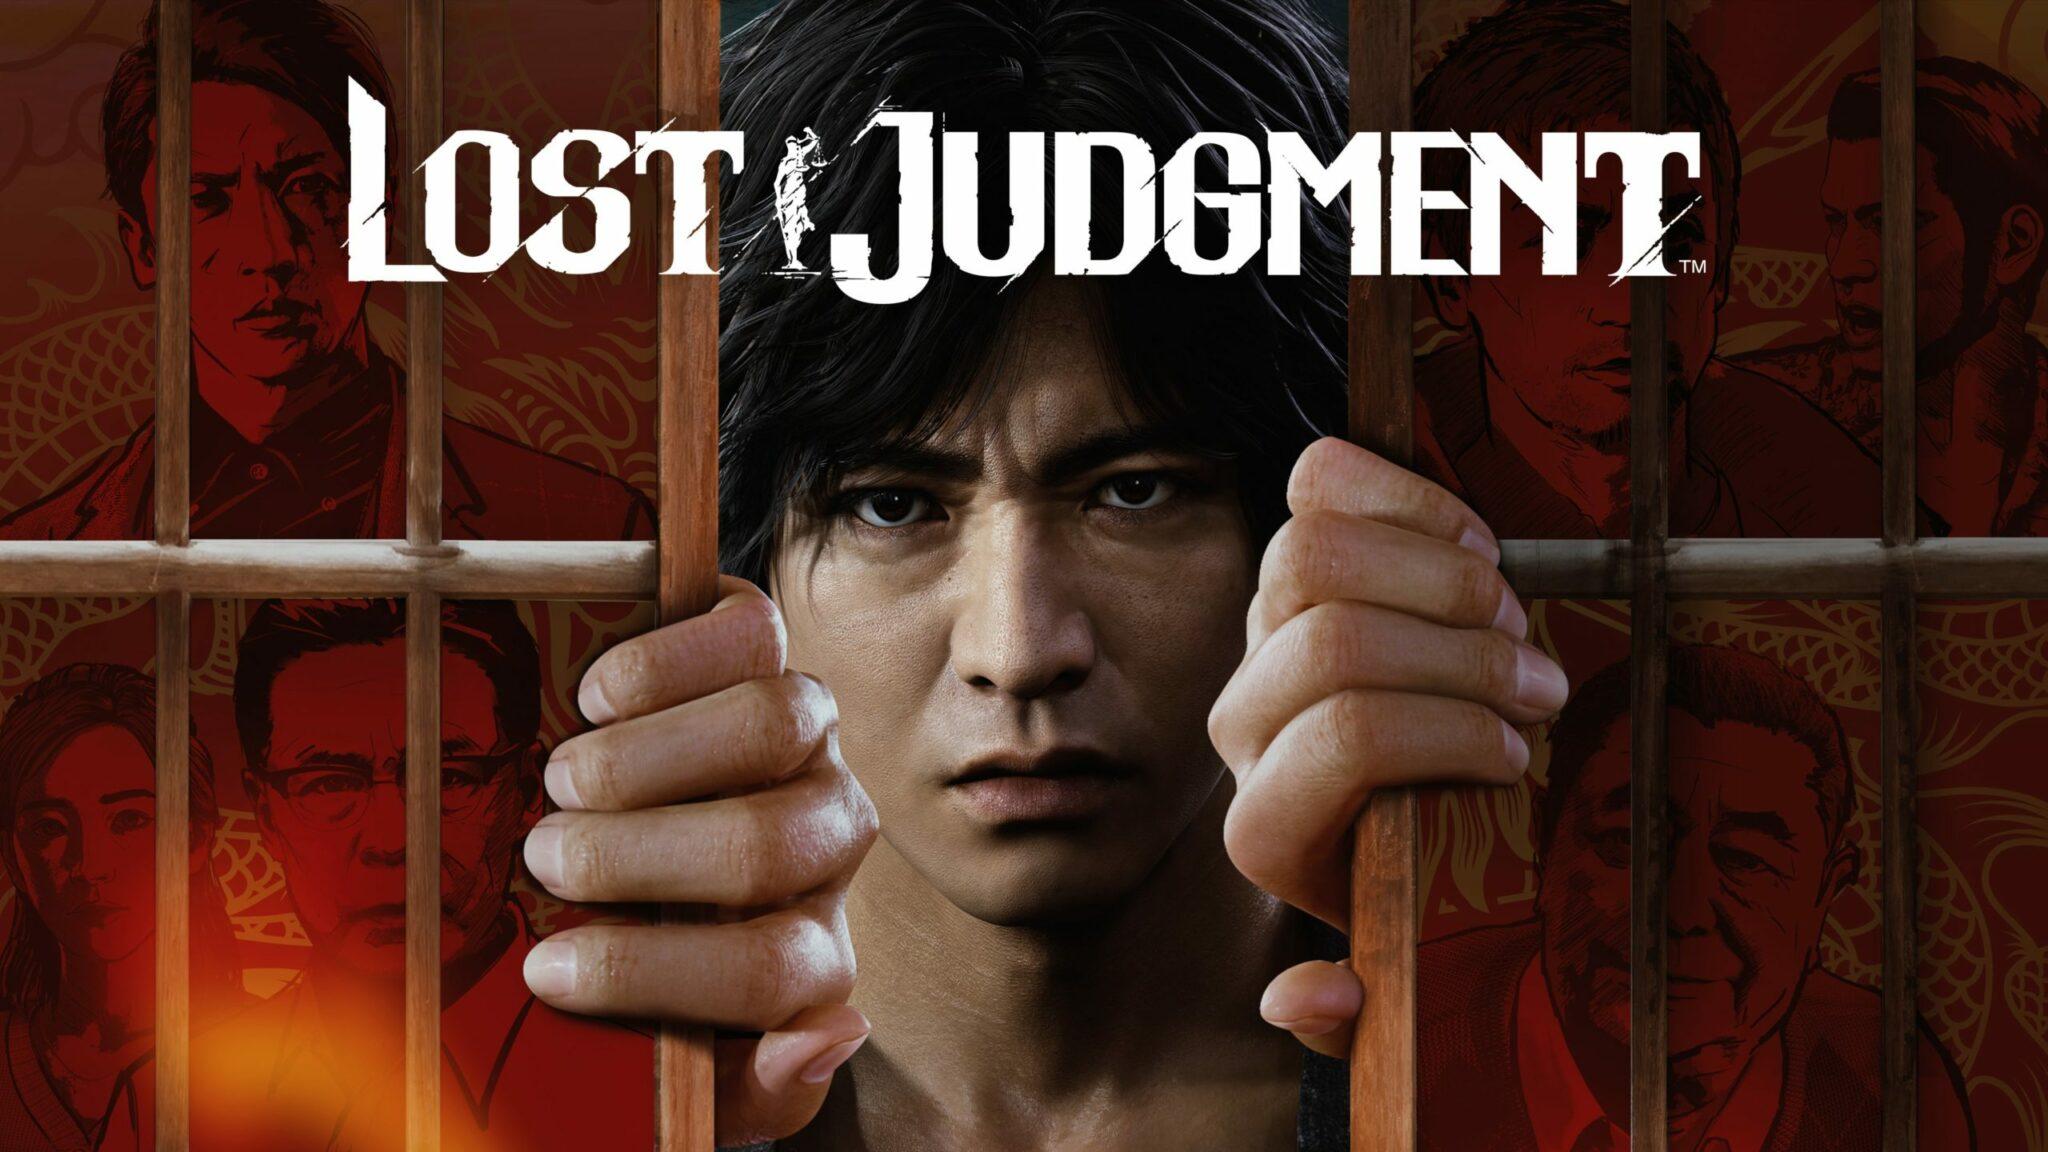 La lista completa de 20 juegos retro de Lost Judgment incluye a Sonic the Fighters, GamersRD